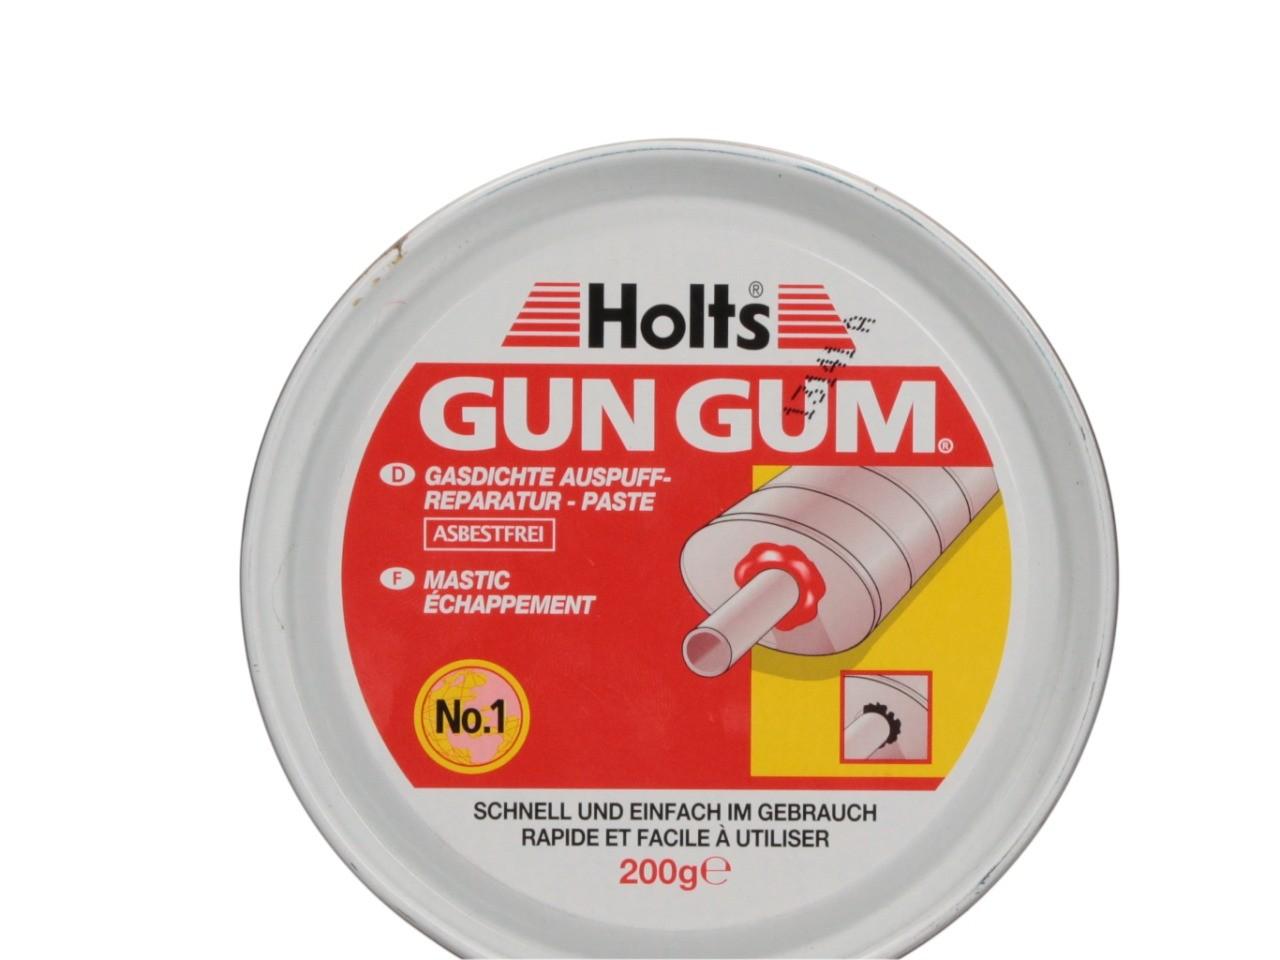 holts gun gum auspuff dichtpaste 200gr werkstattbedarf verbrauchsmaterial chemie service. Black Bedroom Furniture Sets. Home Design Ideas